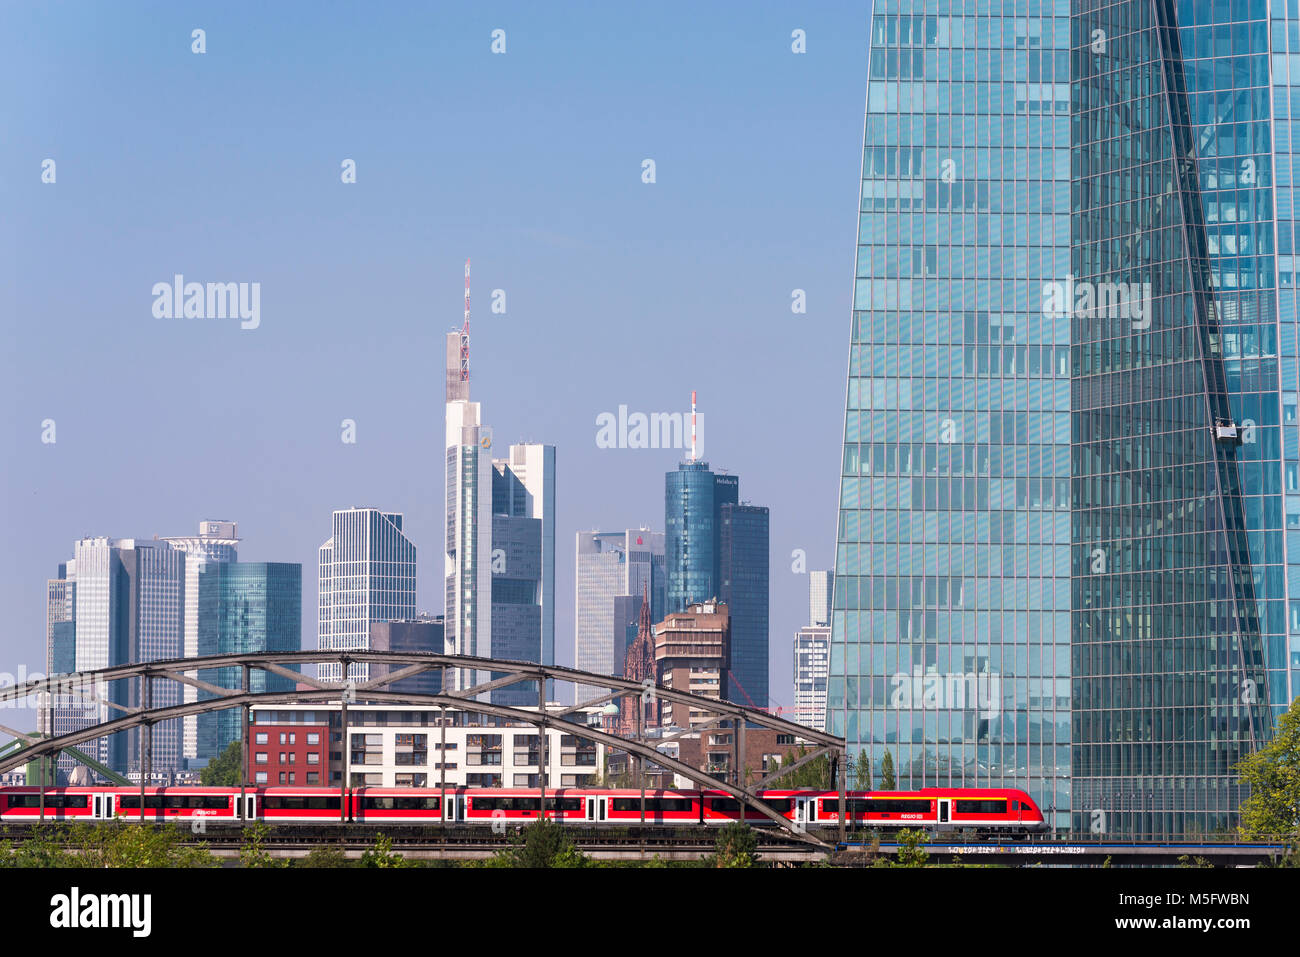 EZB und Skyline , Blick vom Osthafen, Frankfurt, Hessen, Deutschland, Europa - Stock Image